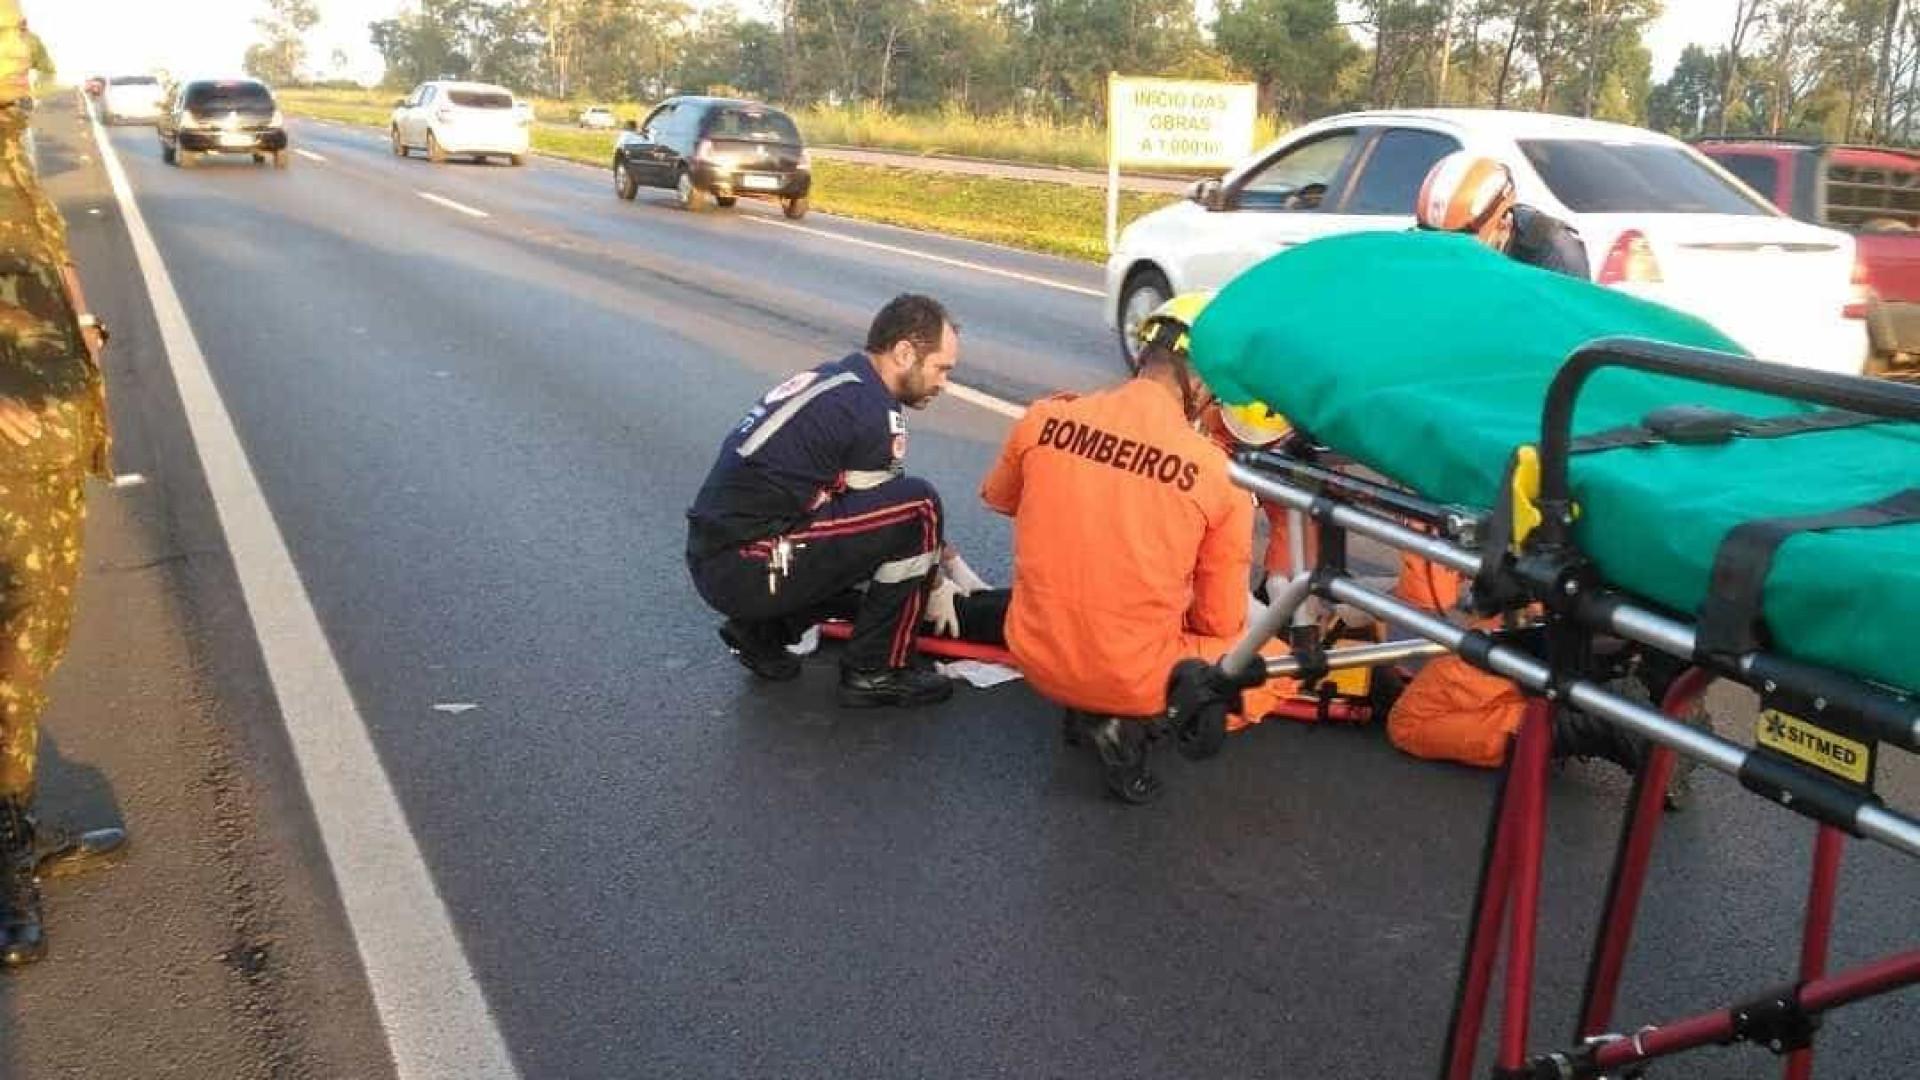 Militar do Exército atropela duas adolescentes em rodovia do DF